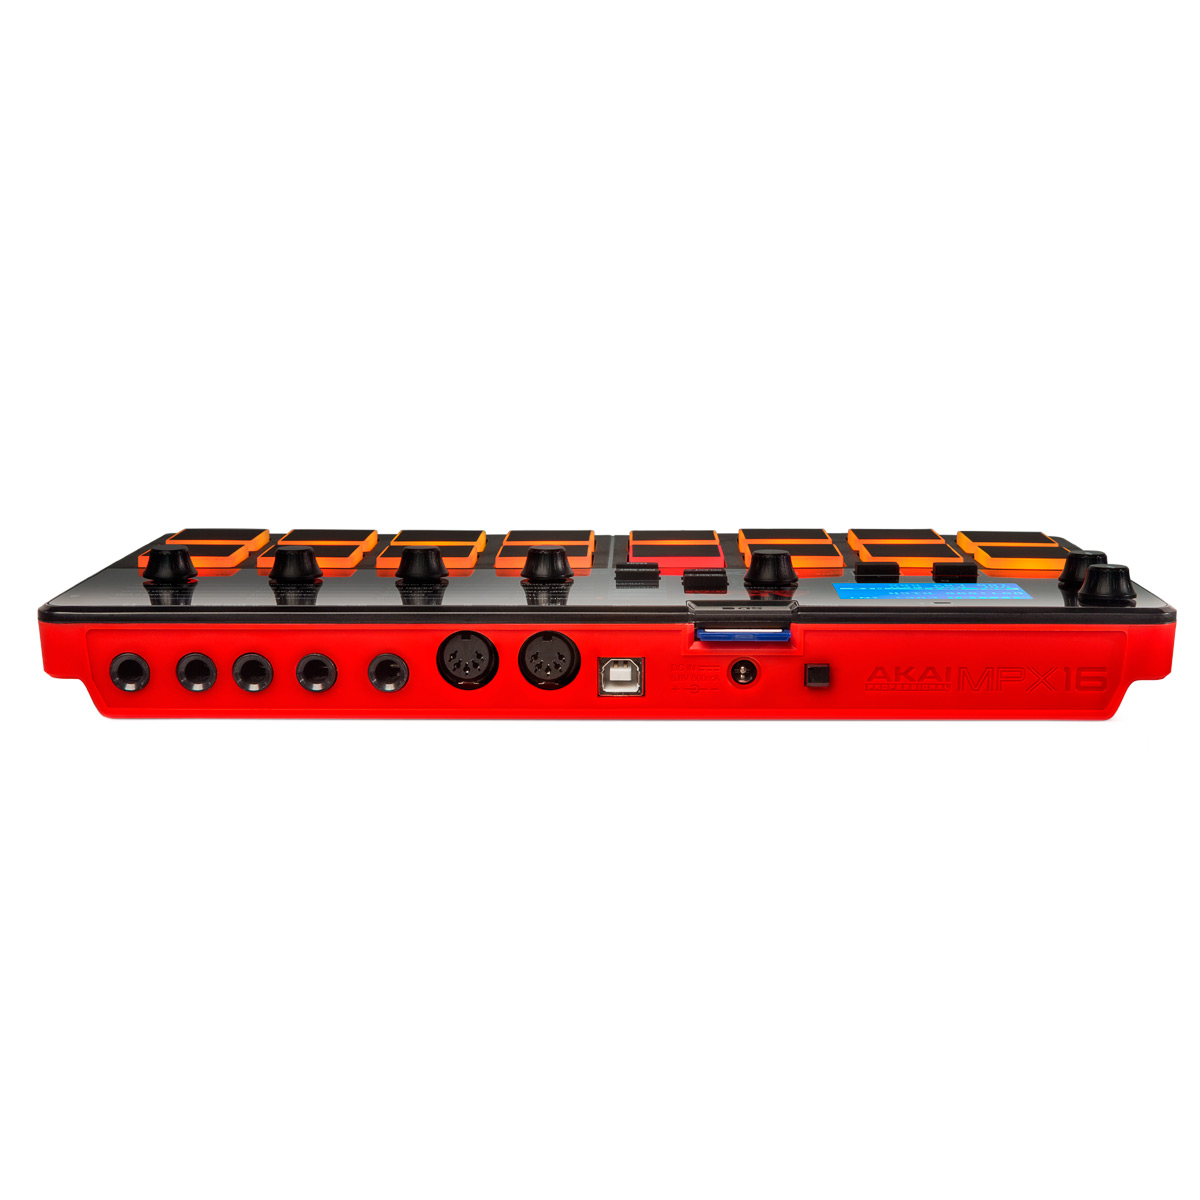 Controladora e Sampler Portátil c/ Gravação MPX 16 - AKAI